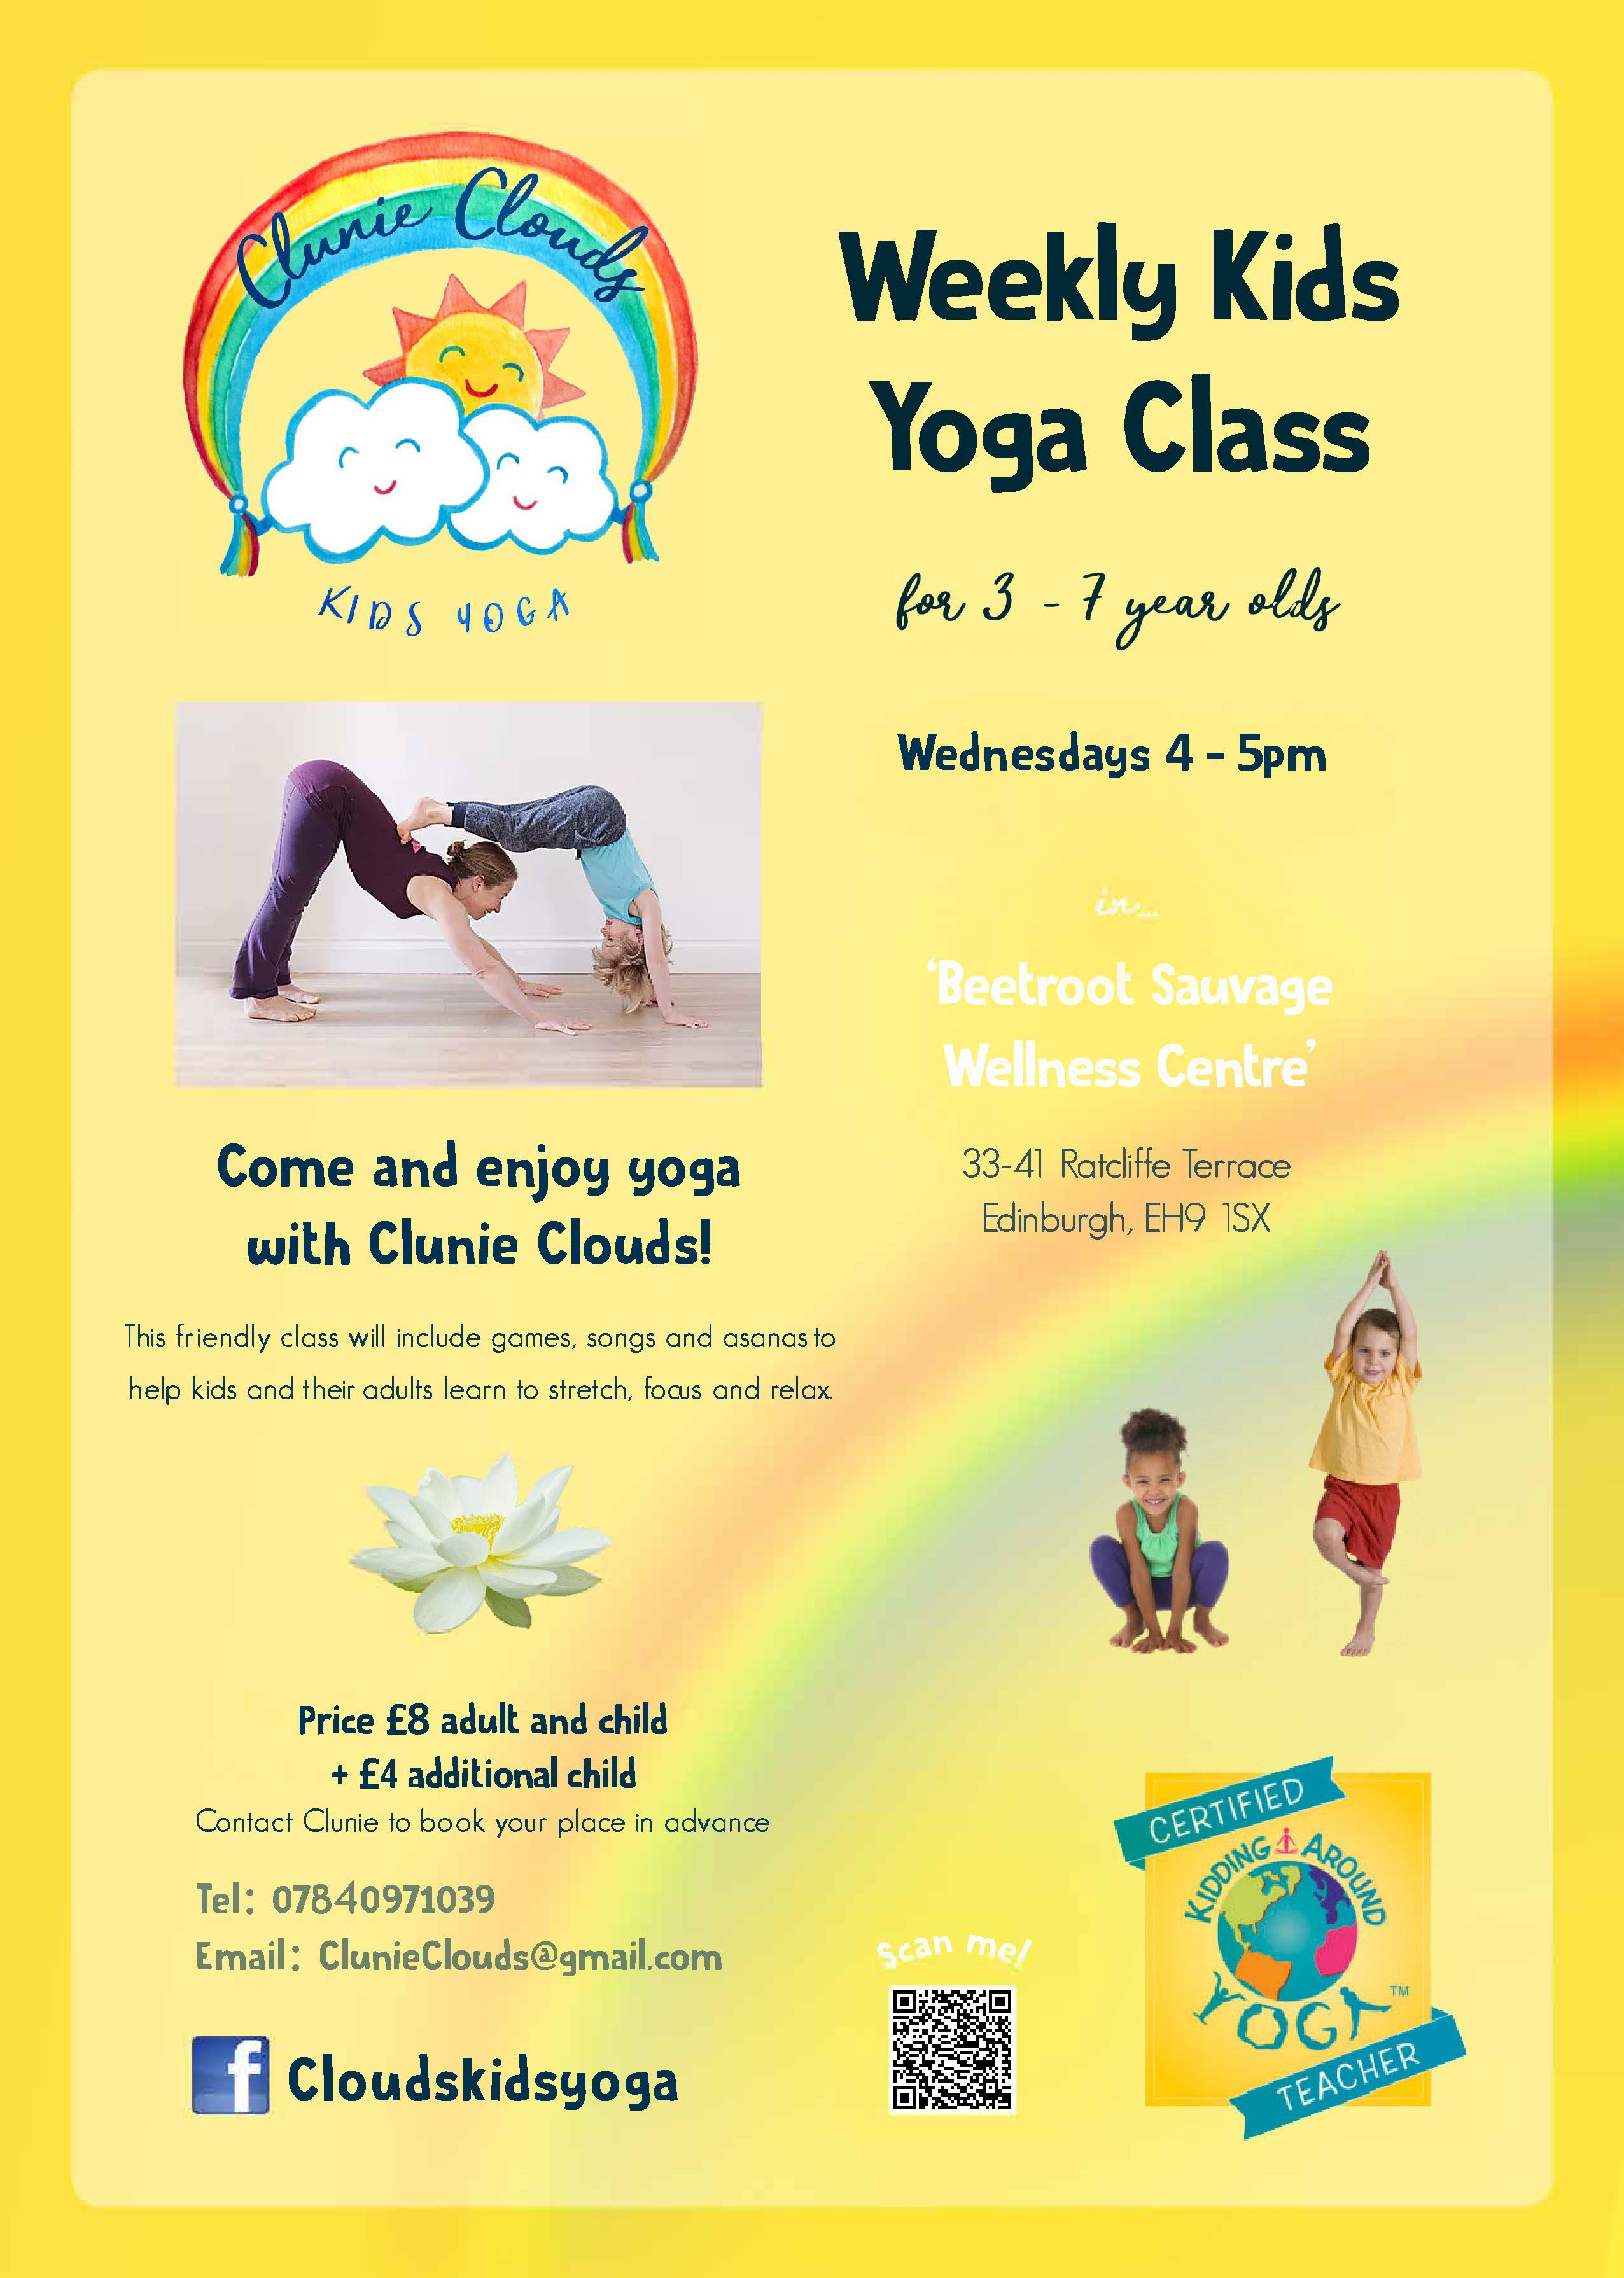 Kids yoga classes